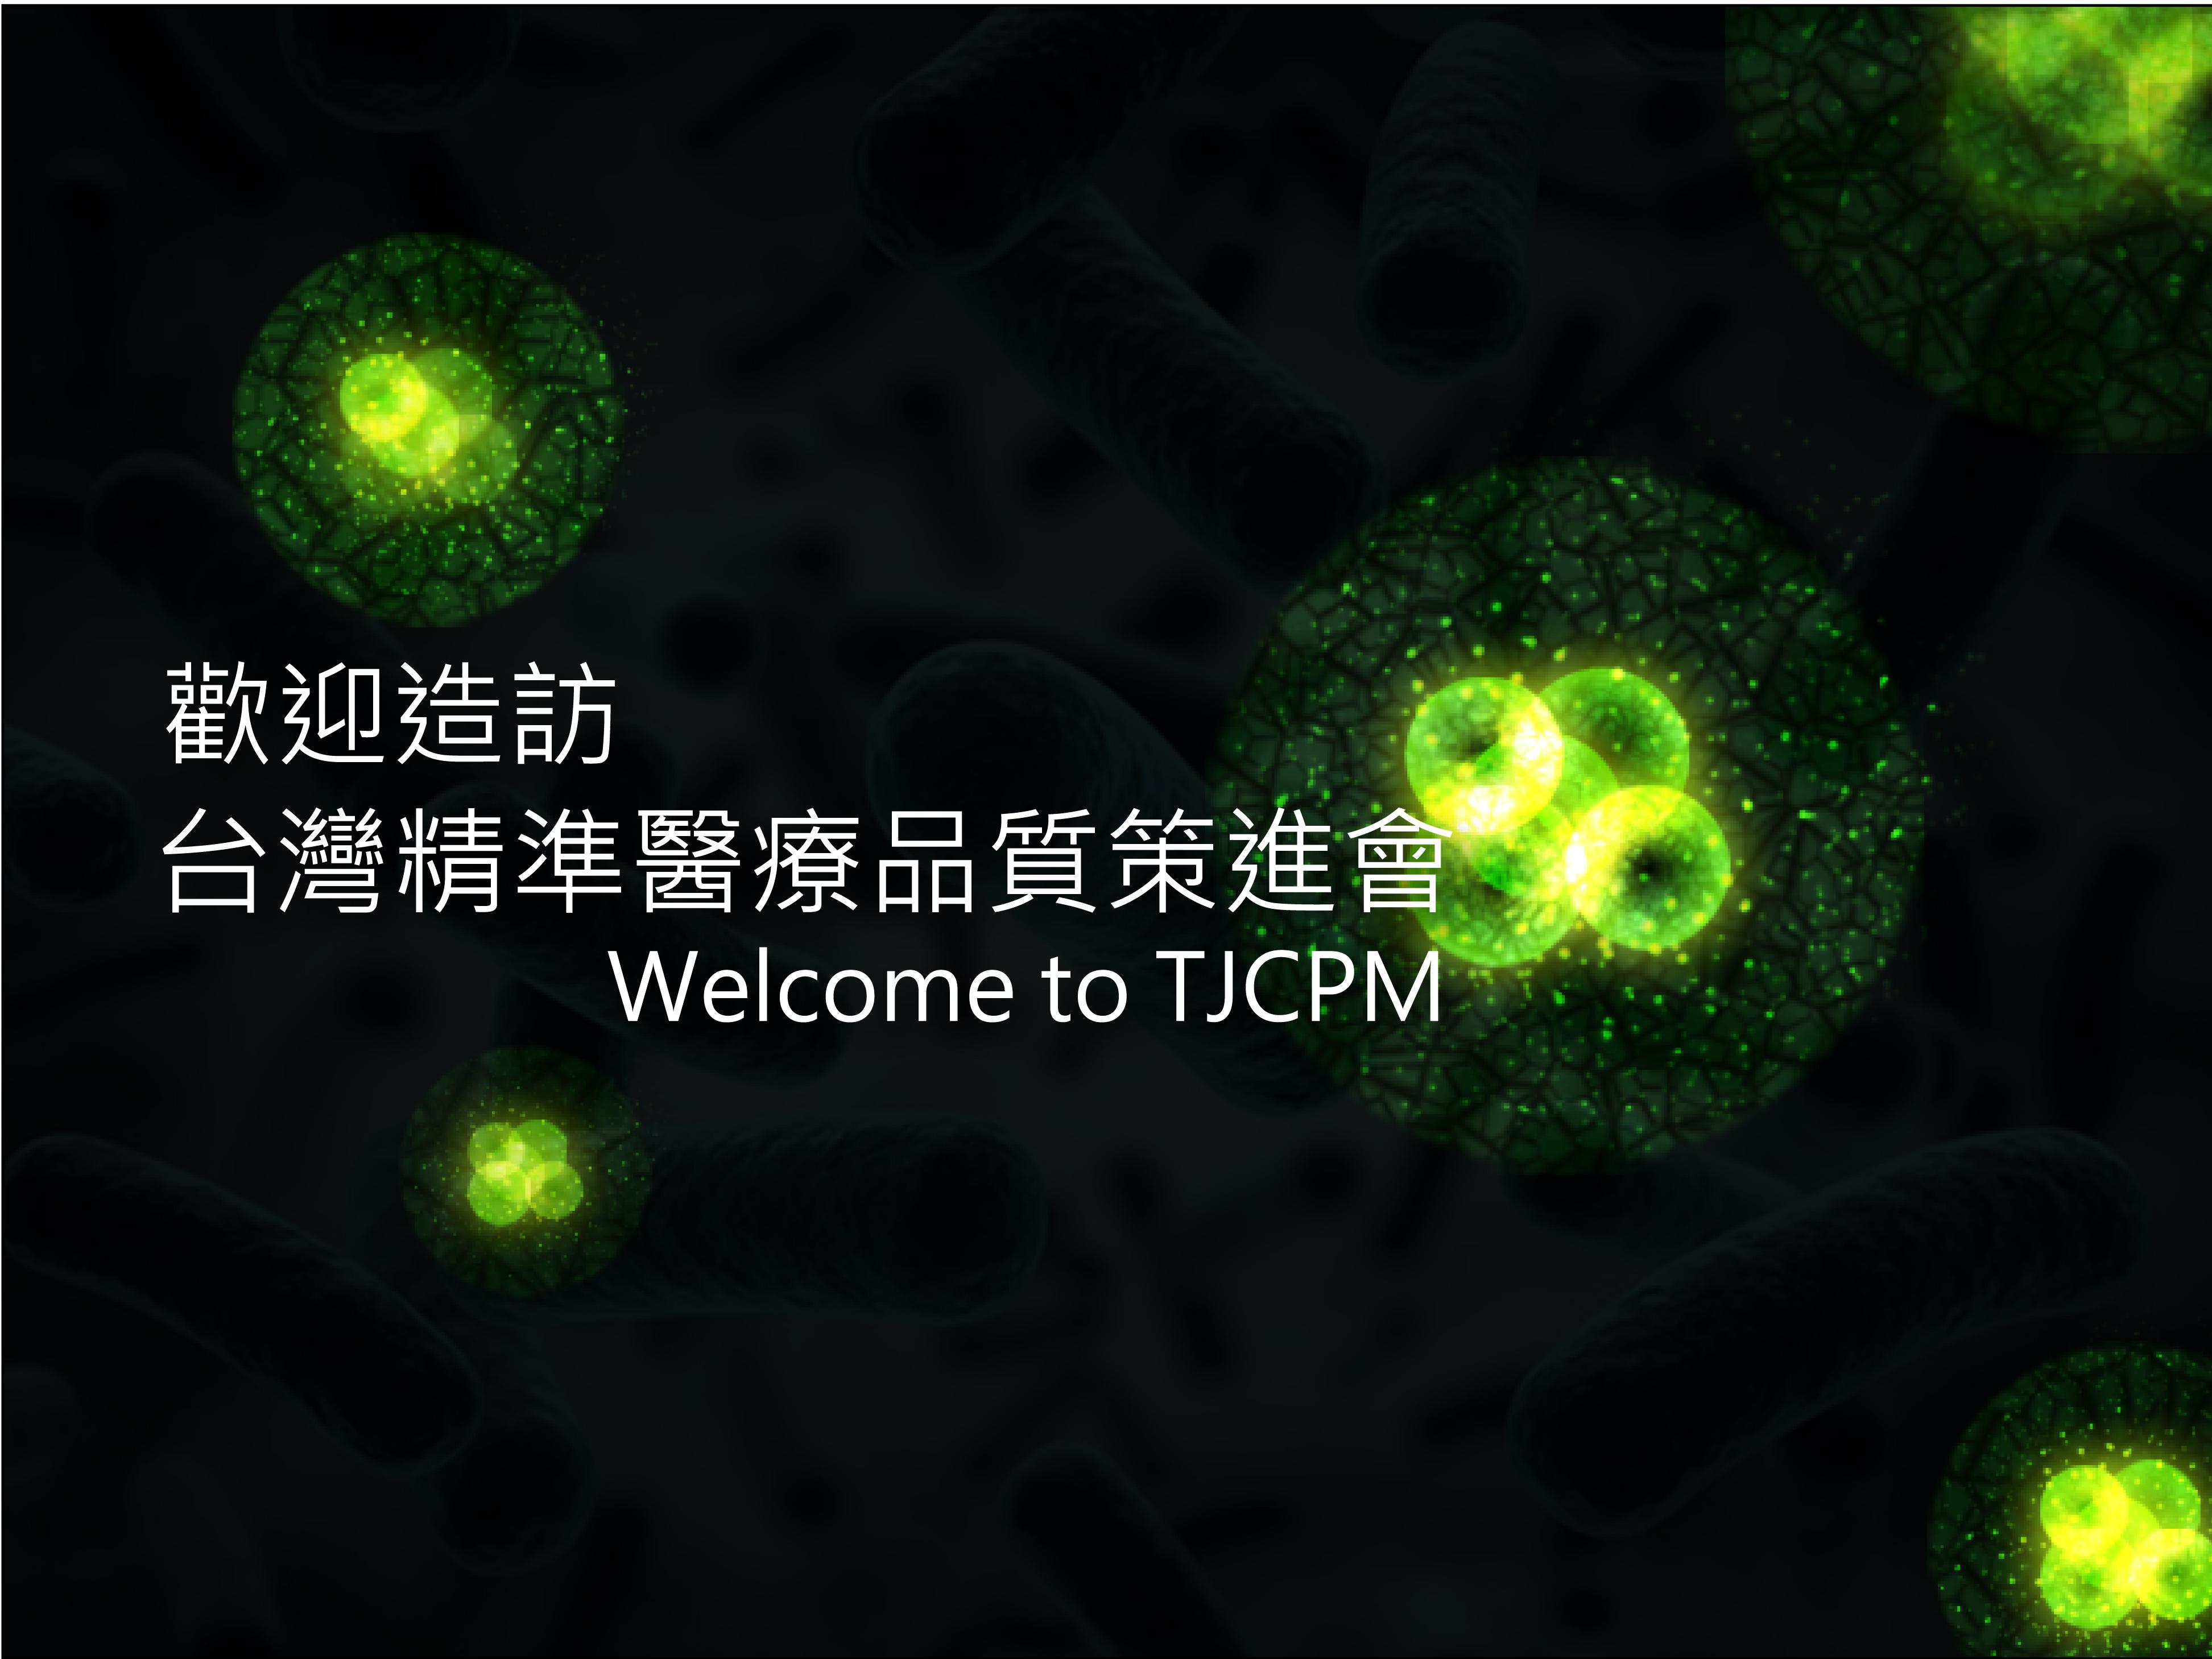 歡迎蒞臨台灣精準醫療品質策進會